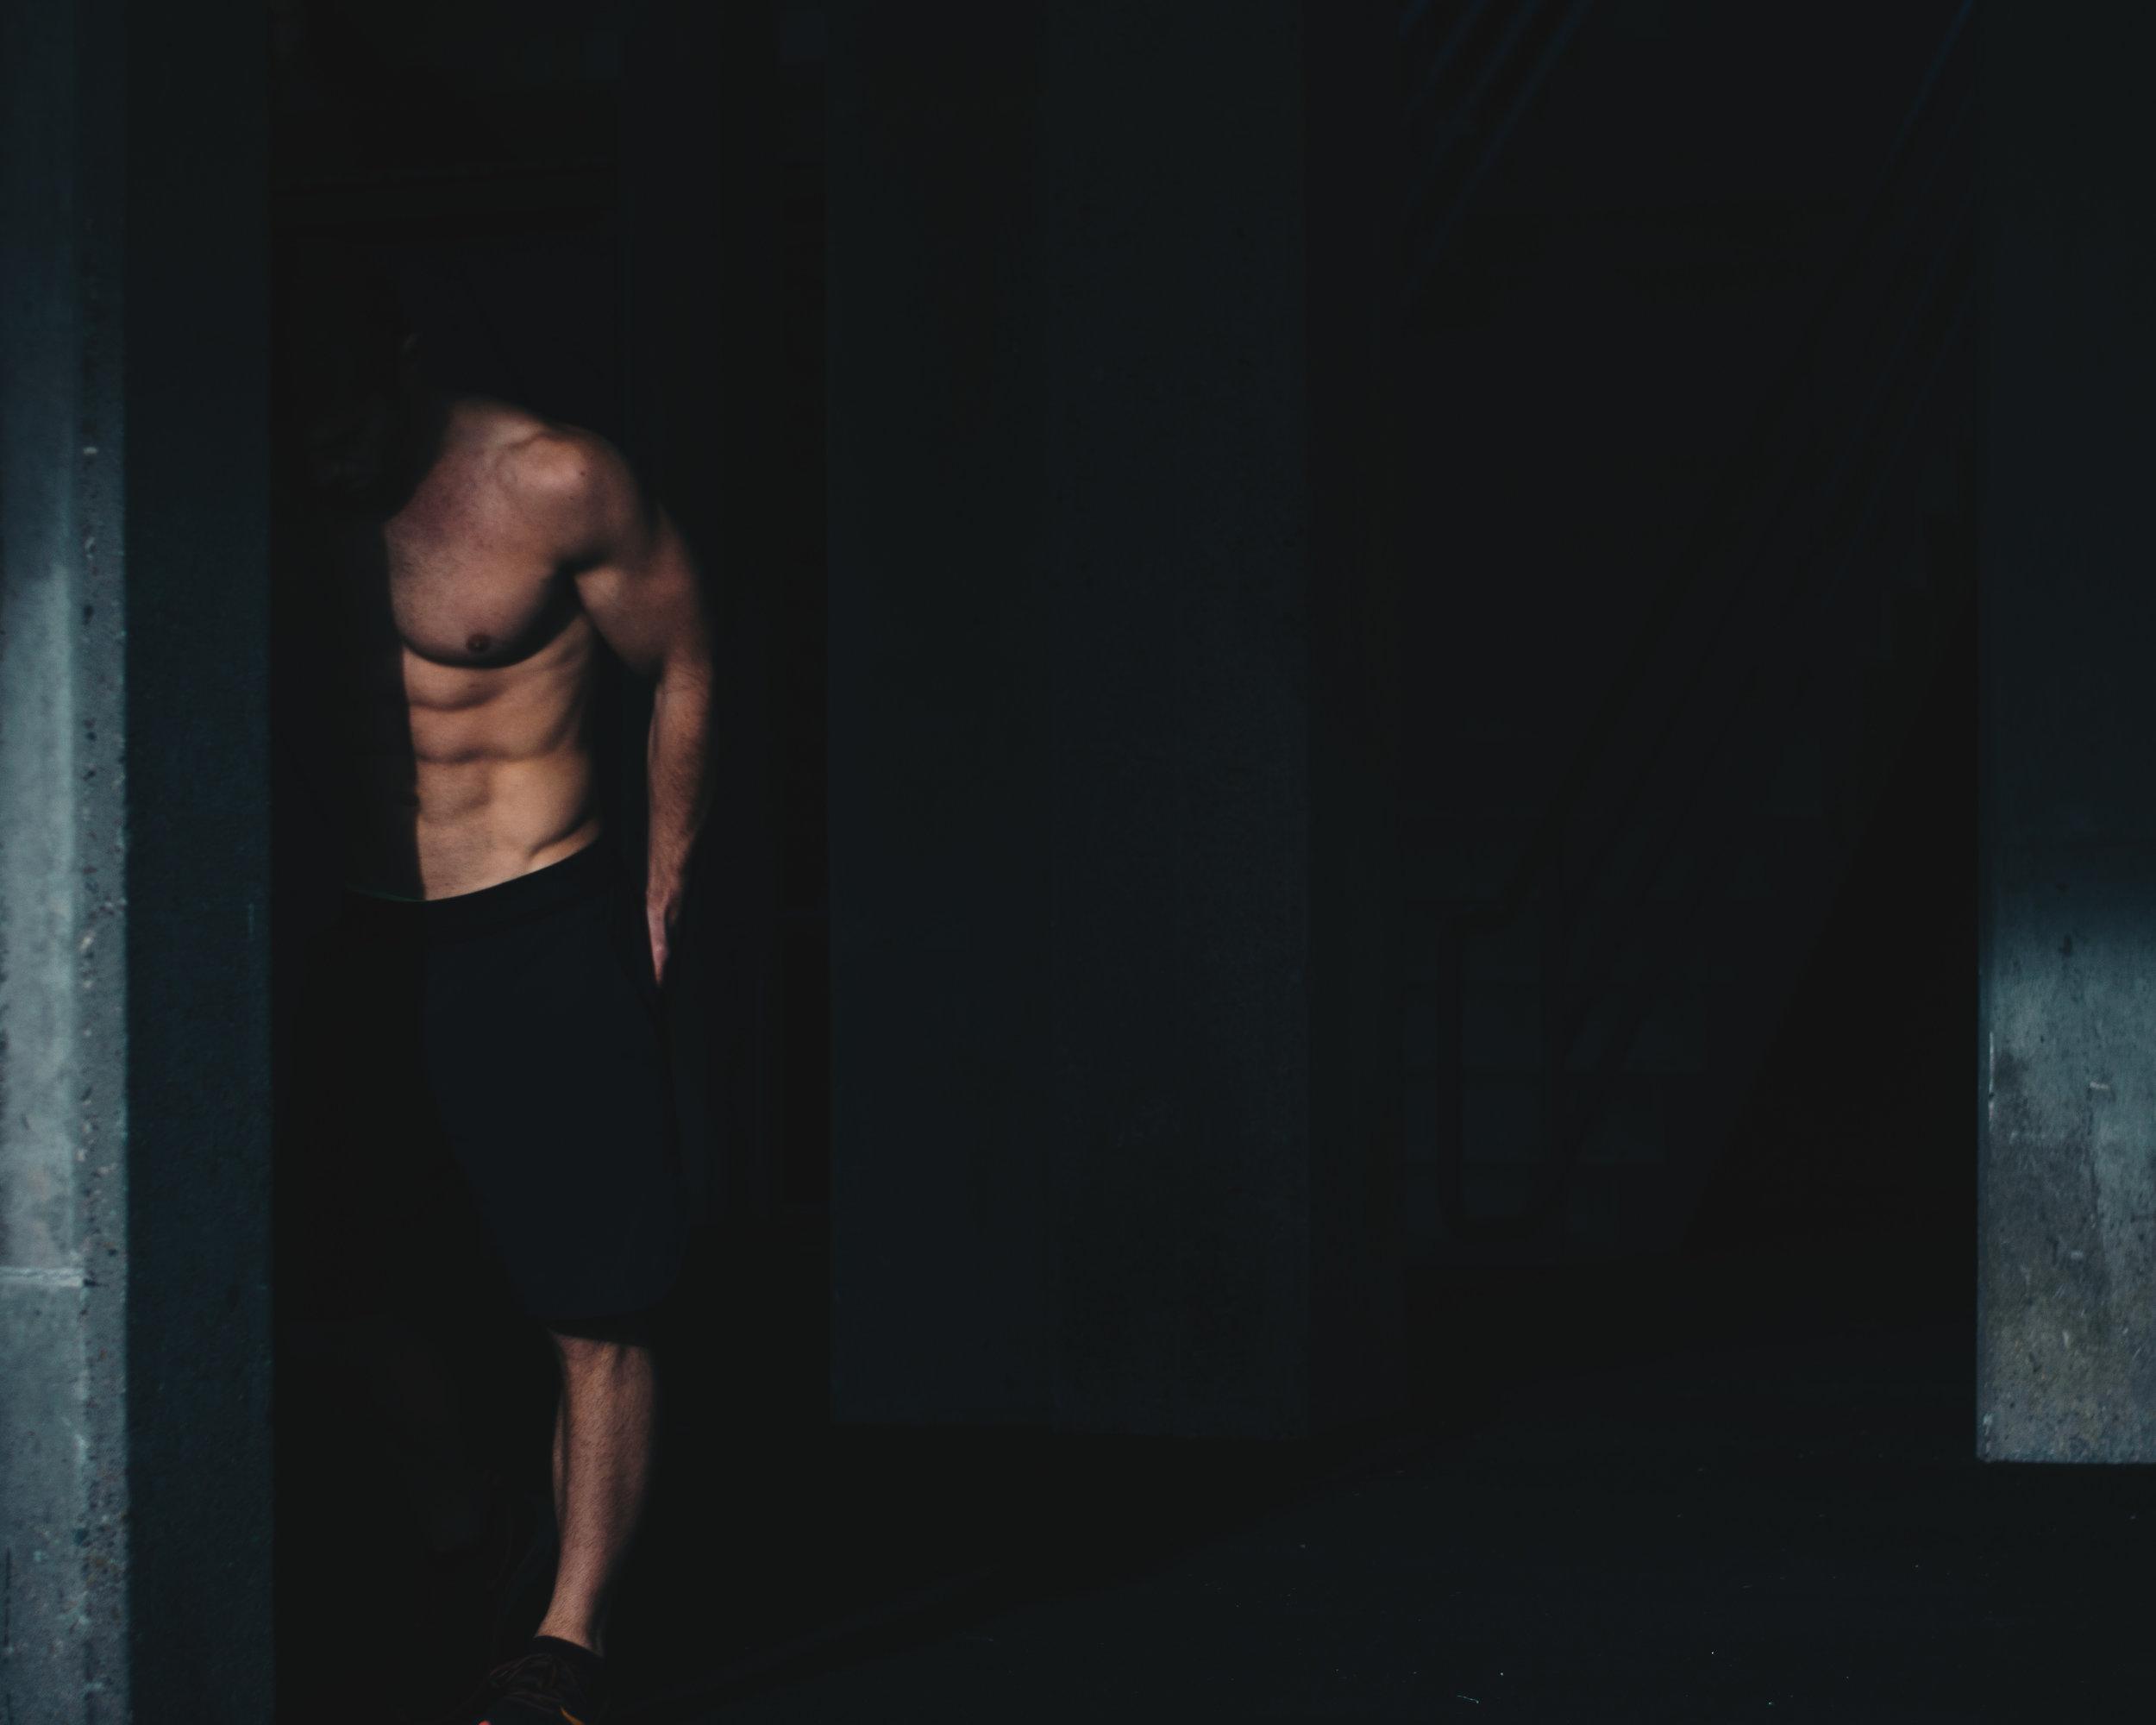 model in fitness photos: David Marshall, Boston MA